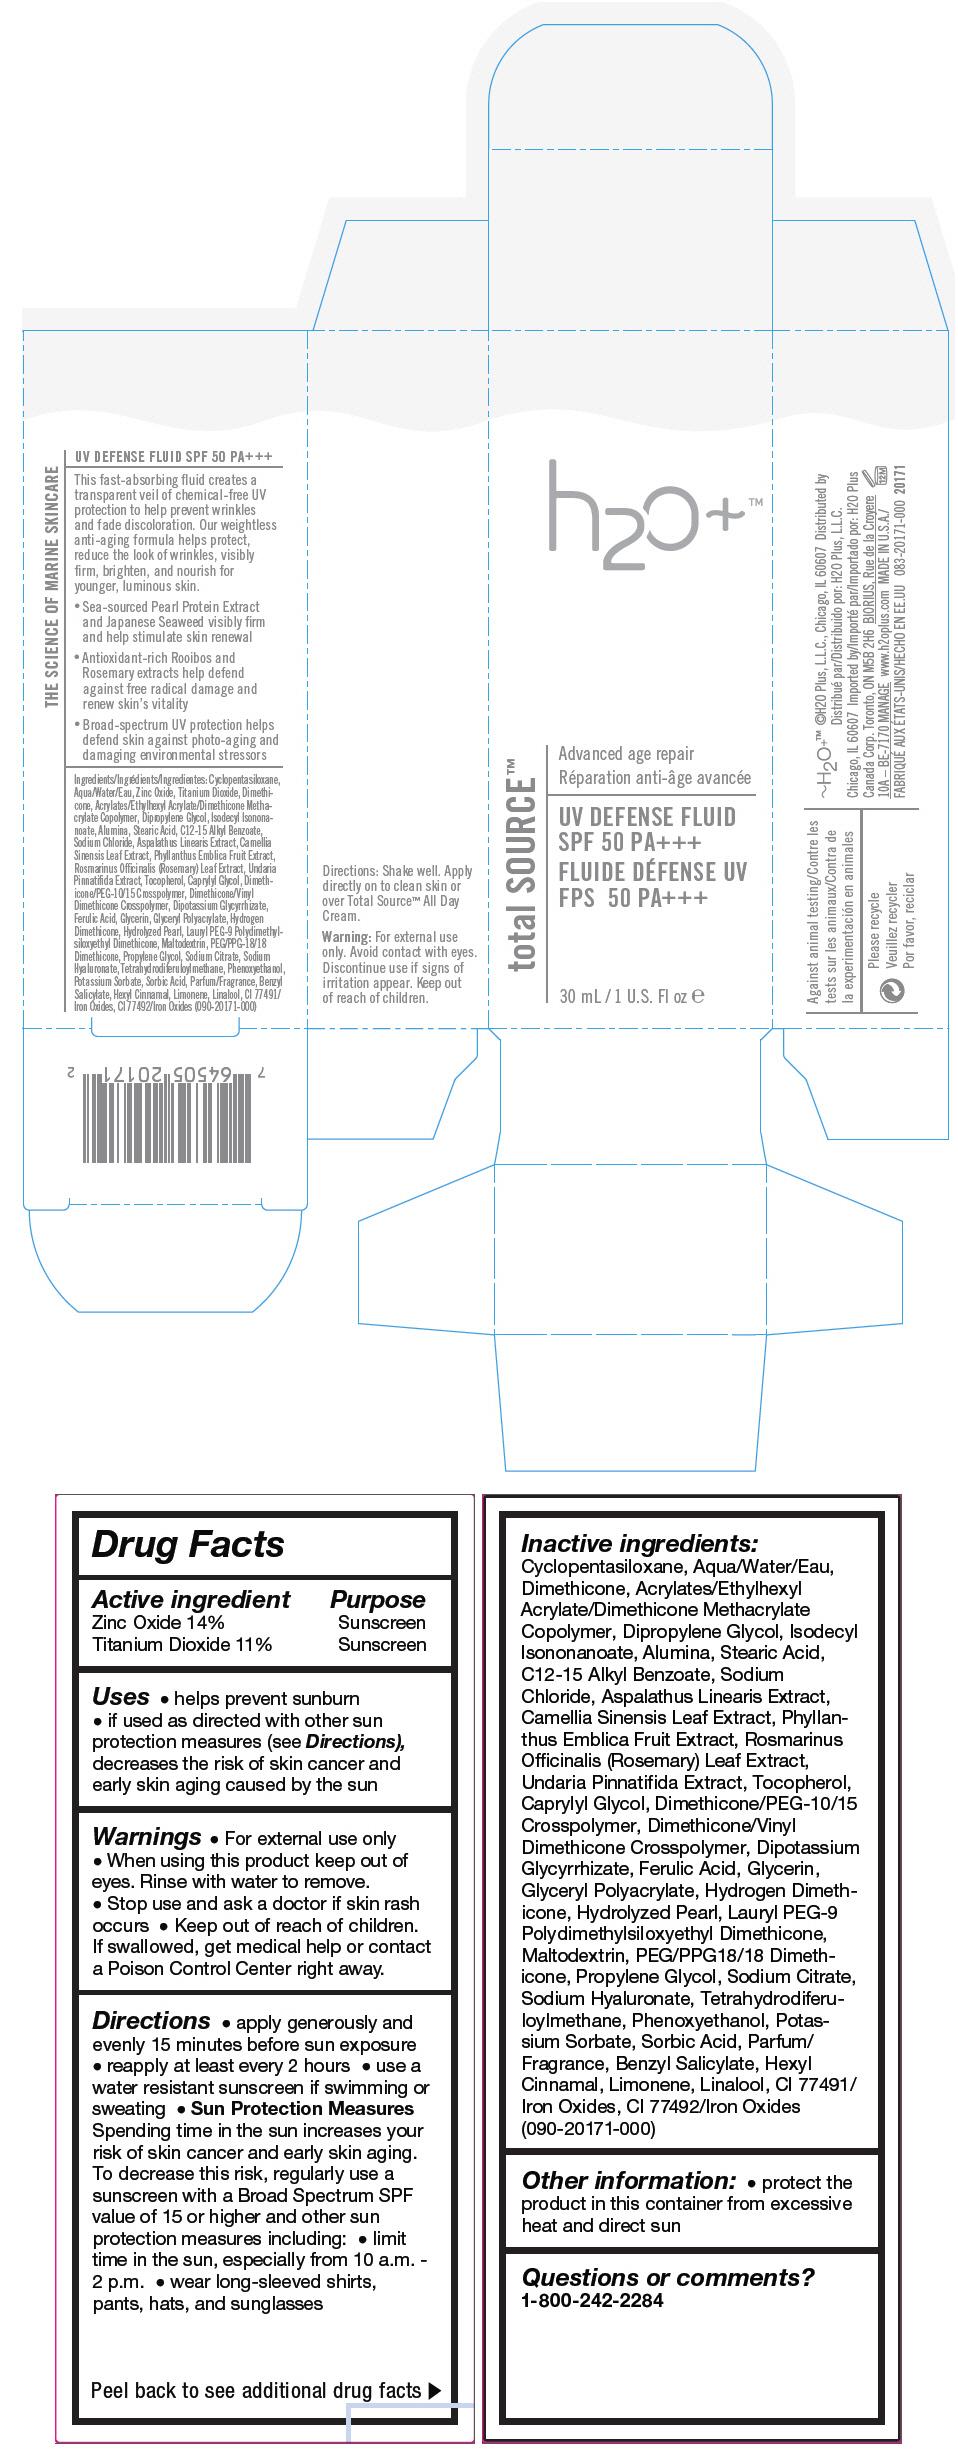 Uv Defense Fluid (Titanium Dioxide And Zinc Oxide) Cream [H2o Plus]